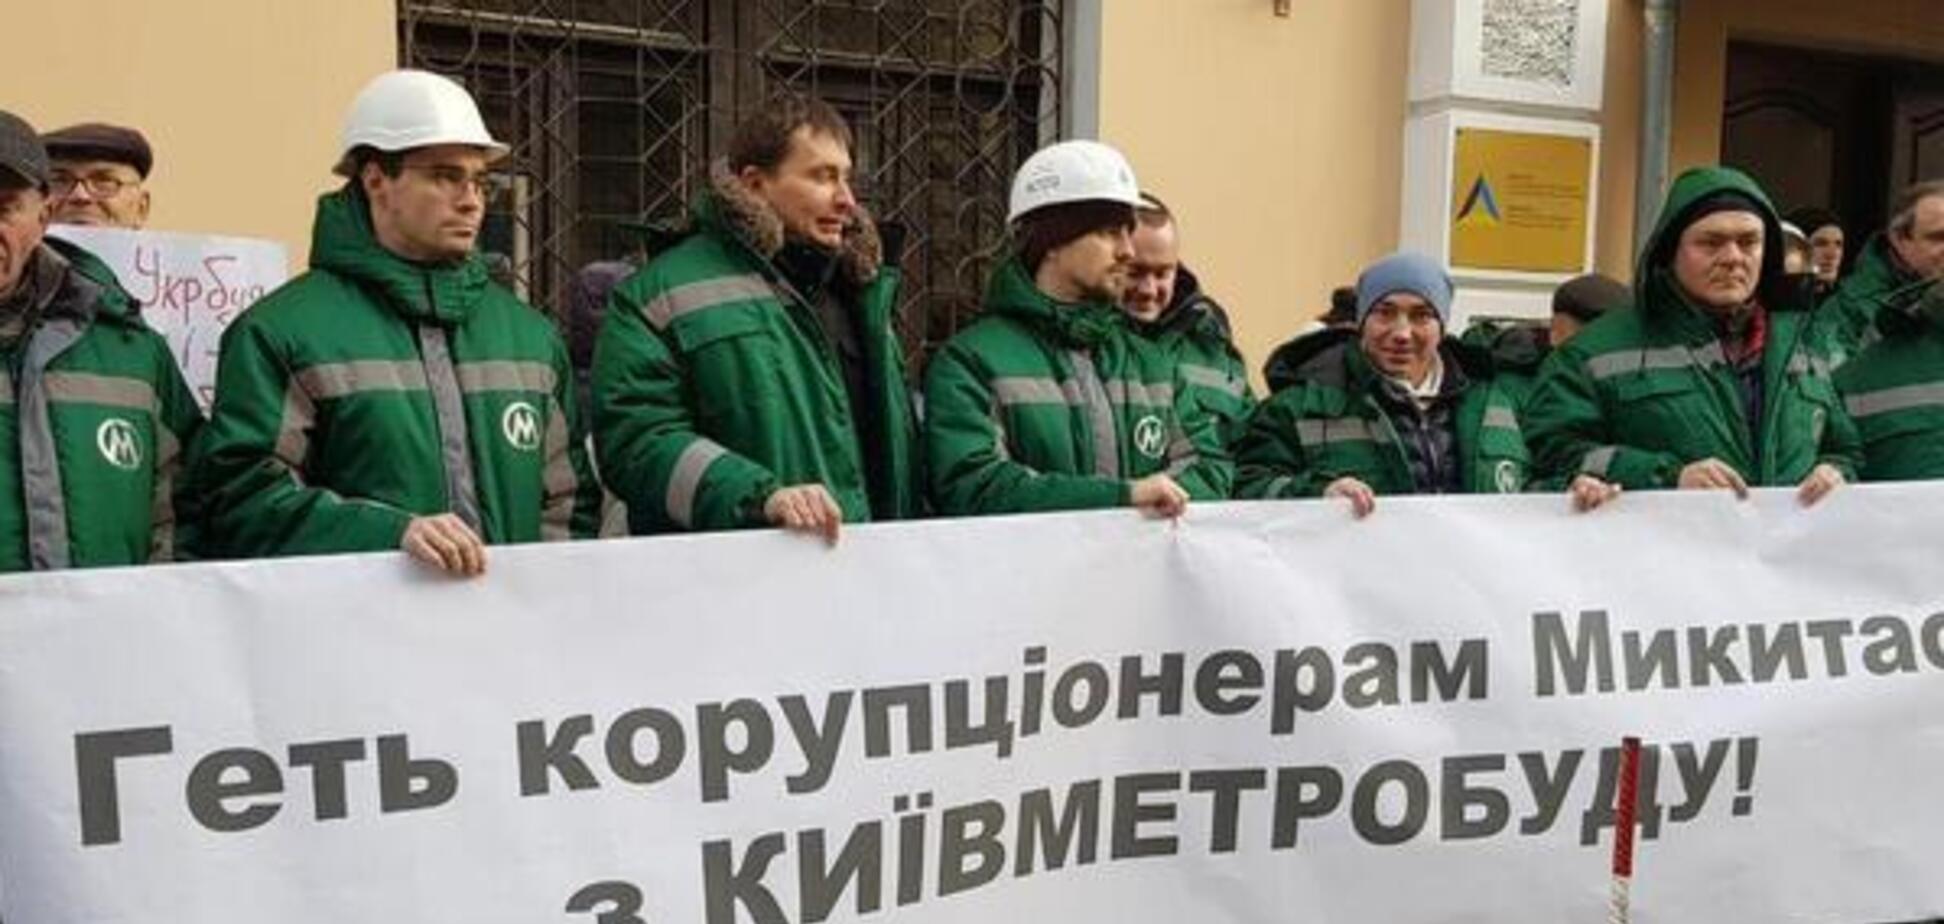 Рейдеры Микитася хотят получить доступ к 1,9 млрд грн на счетах 'Киевметростроя'